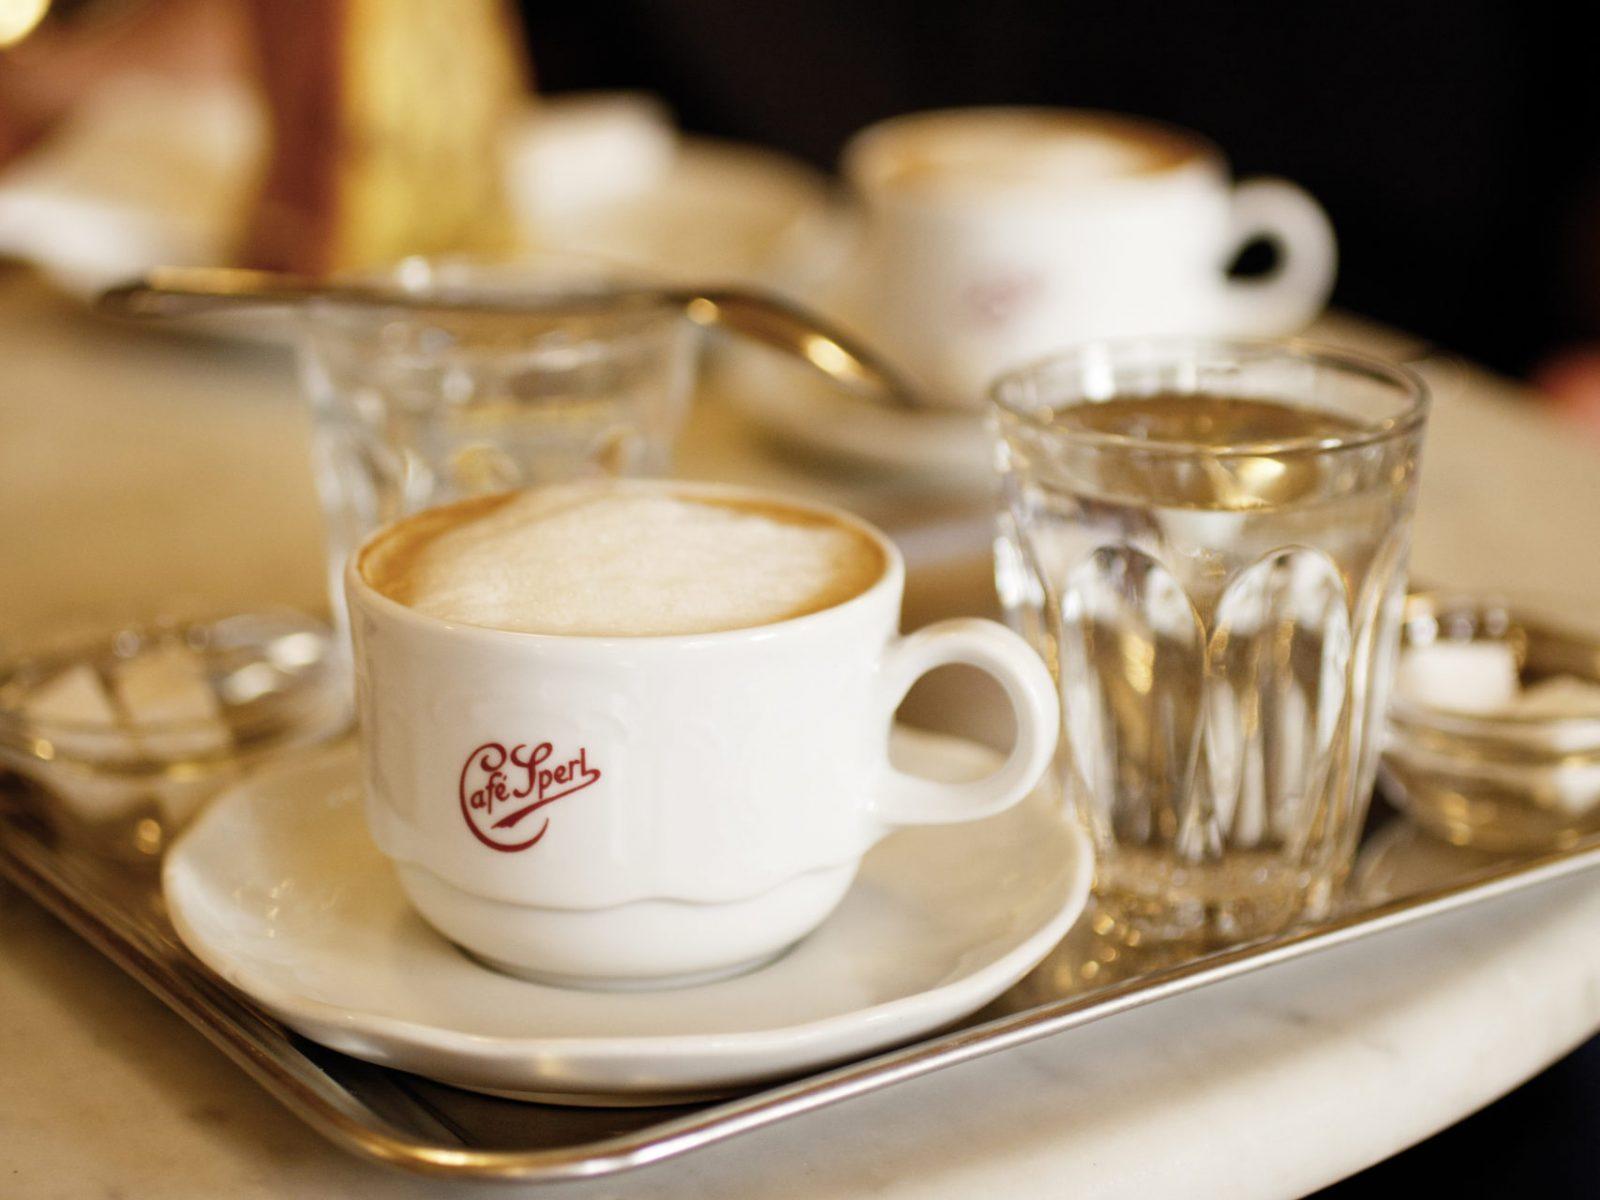 Café Sperl, Melange / Café Sperl, Melange